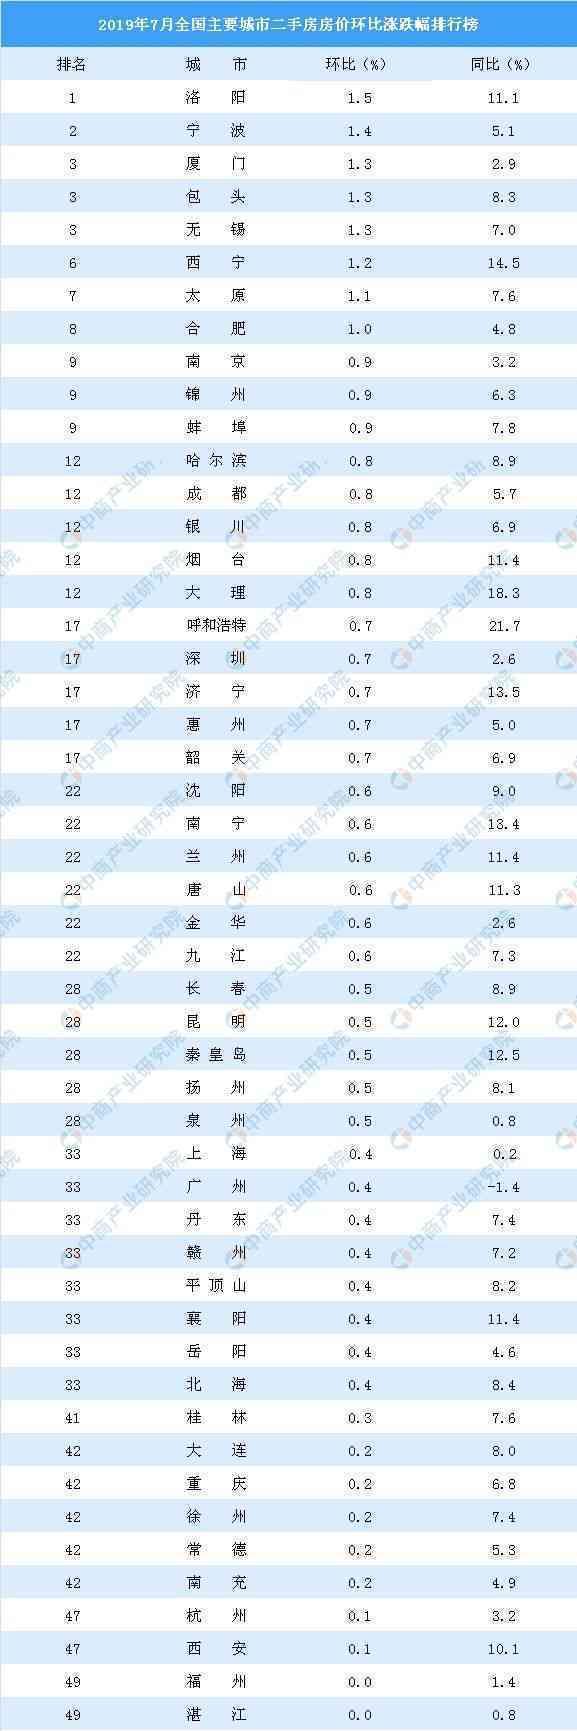 7月二手房房价涨跌排行榜:20城房价下跌 武汉连续4个月下跌(附榜单)